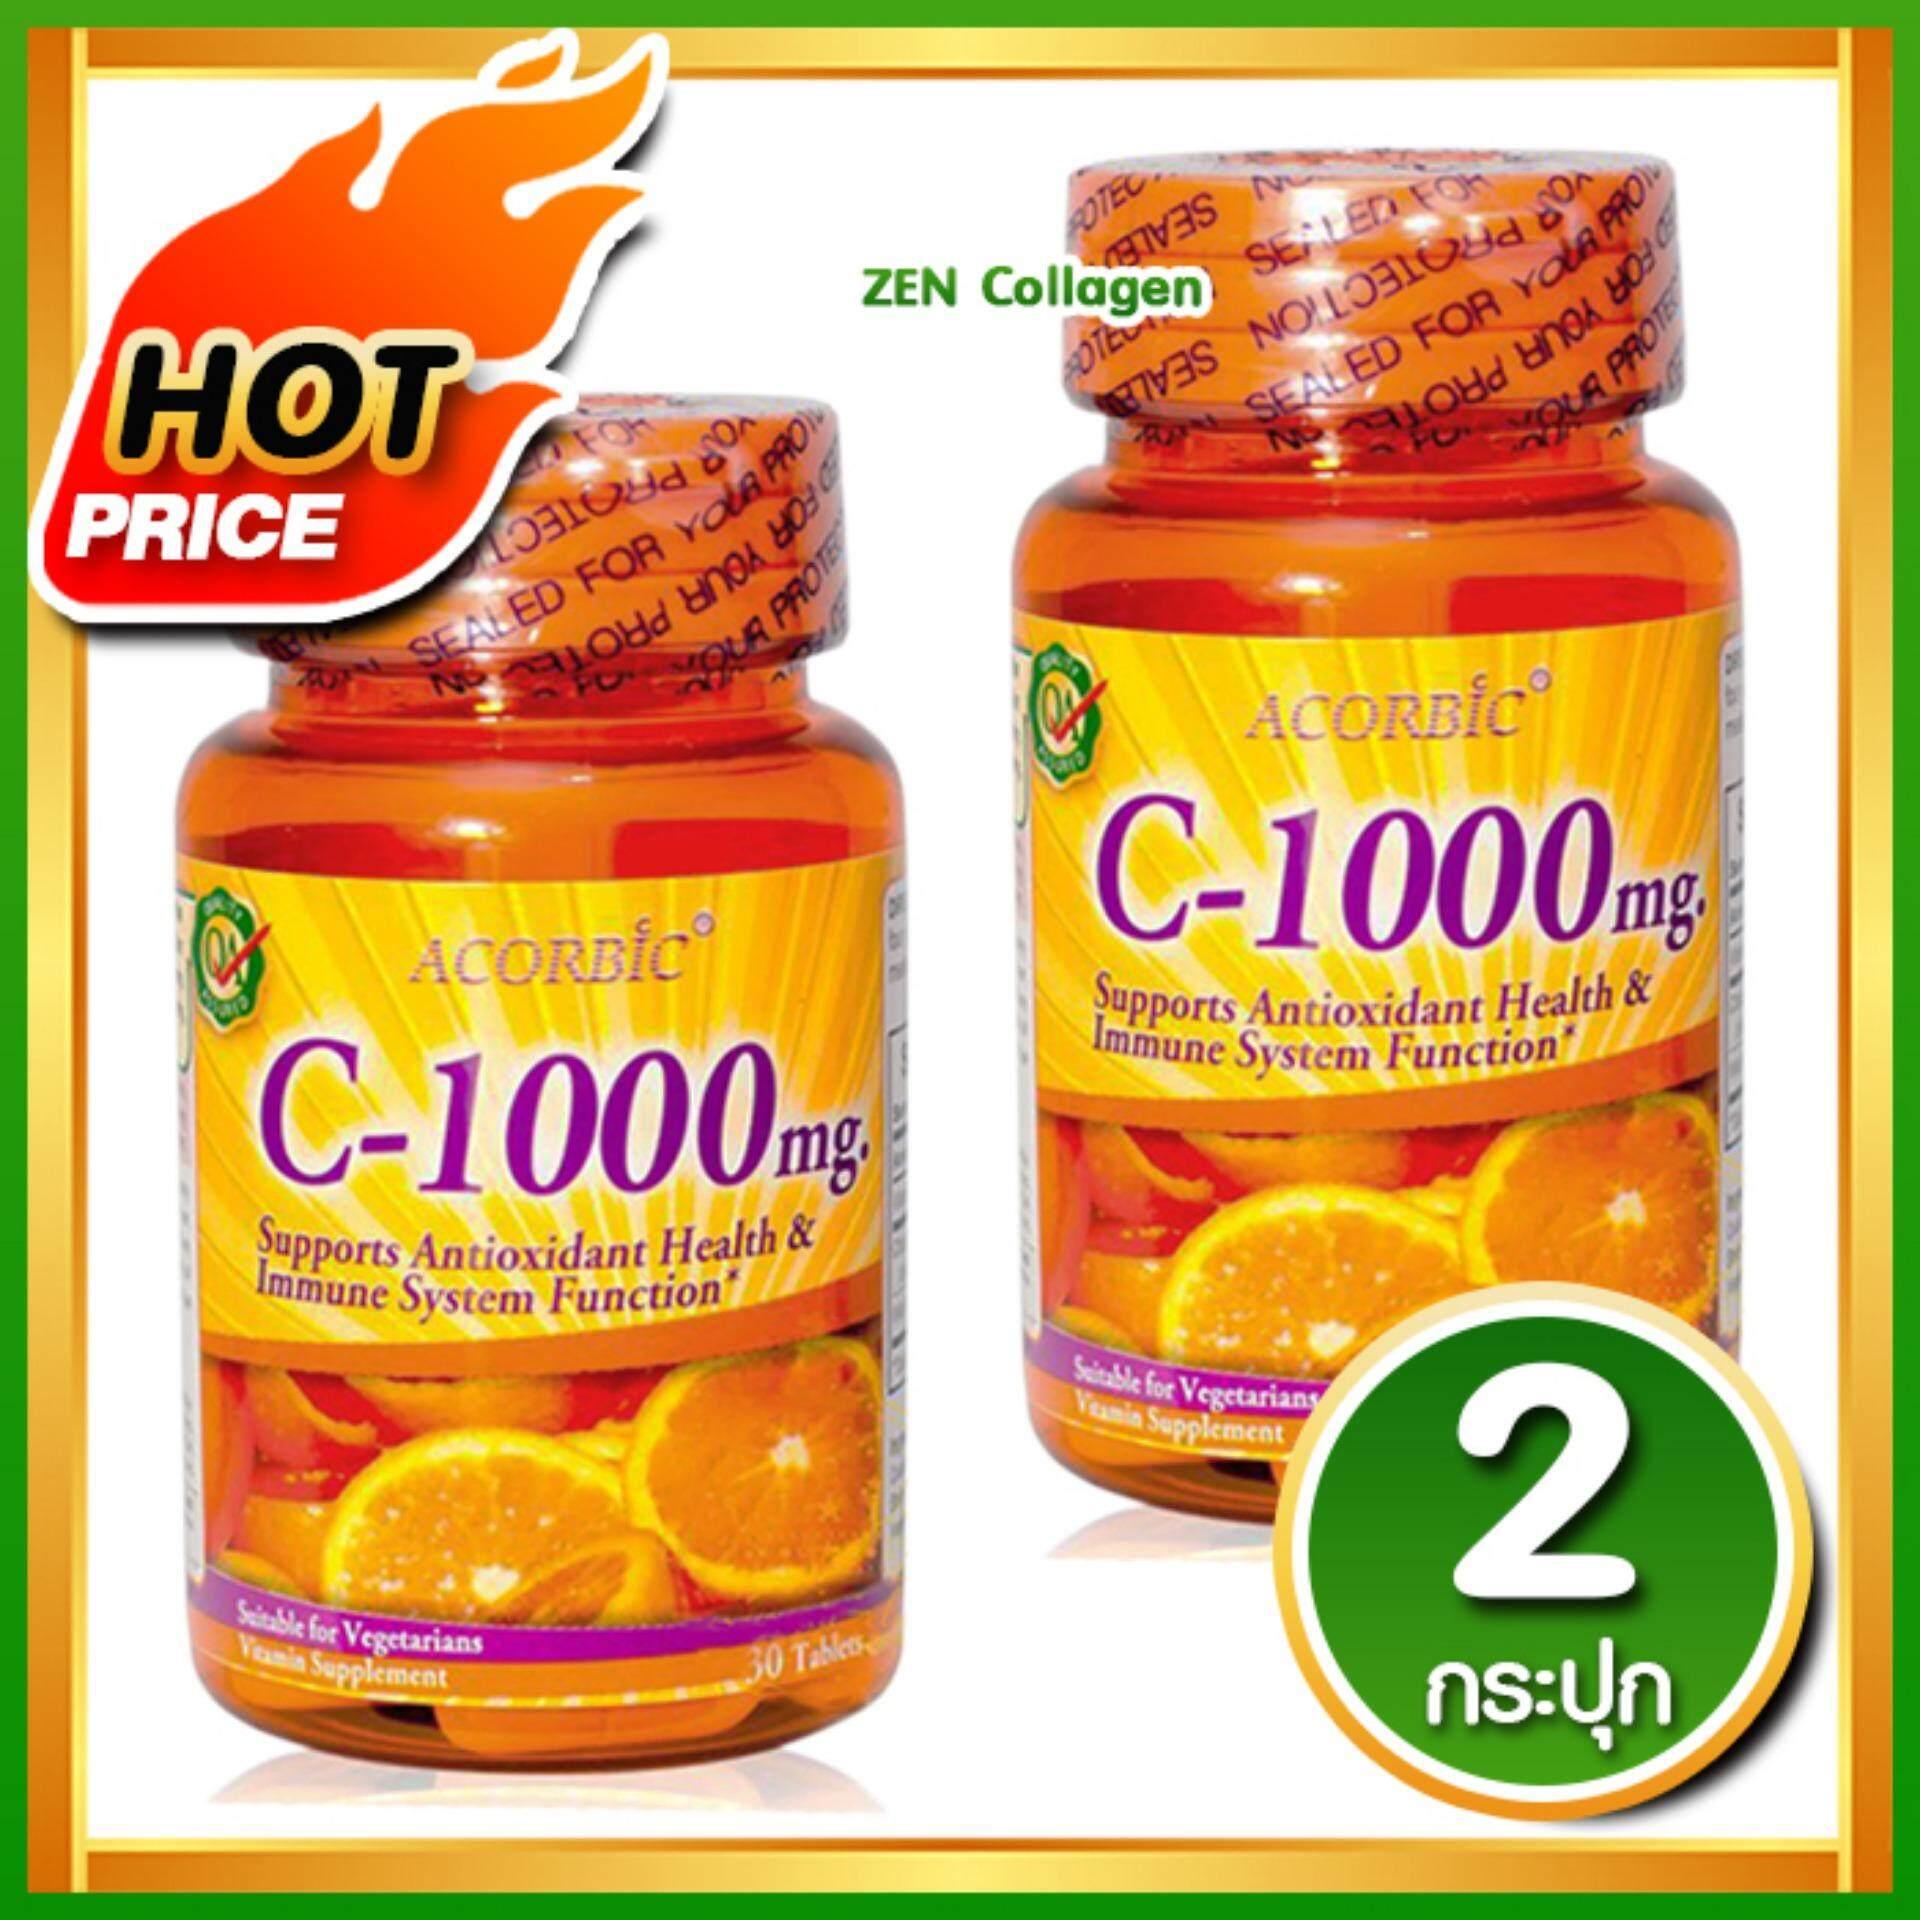 Acorbic VITAMIN C-1000mg . ผลิตภัณฑ์เสริมอาหาร วิตามิน-ซี 1000 มก. 2 กระปุก (30 เม็ด/1กระปุก)